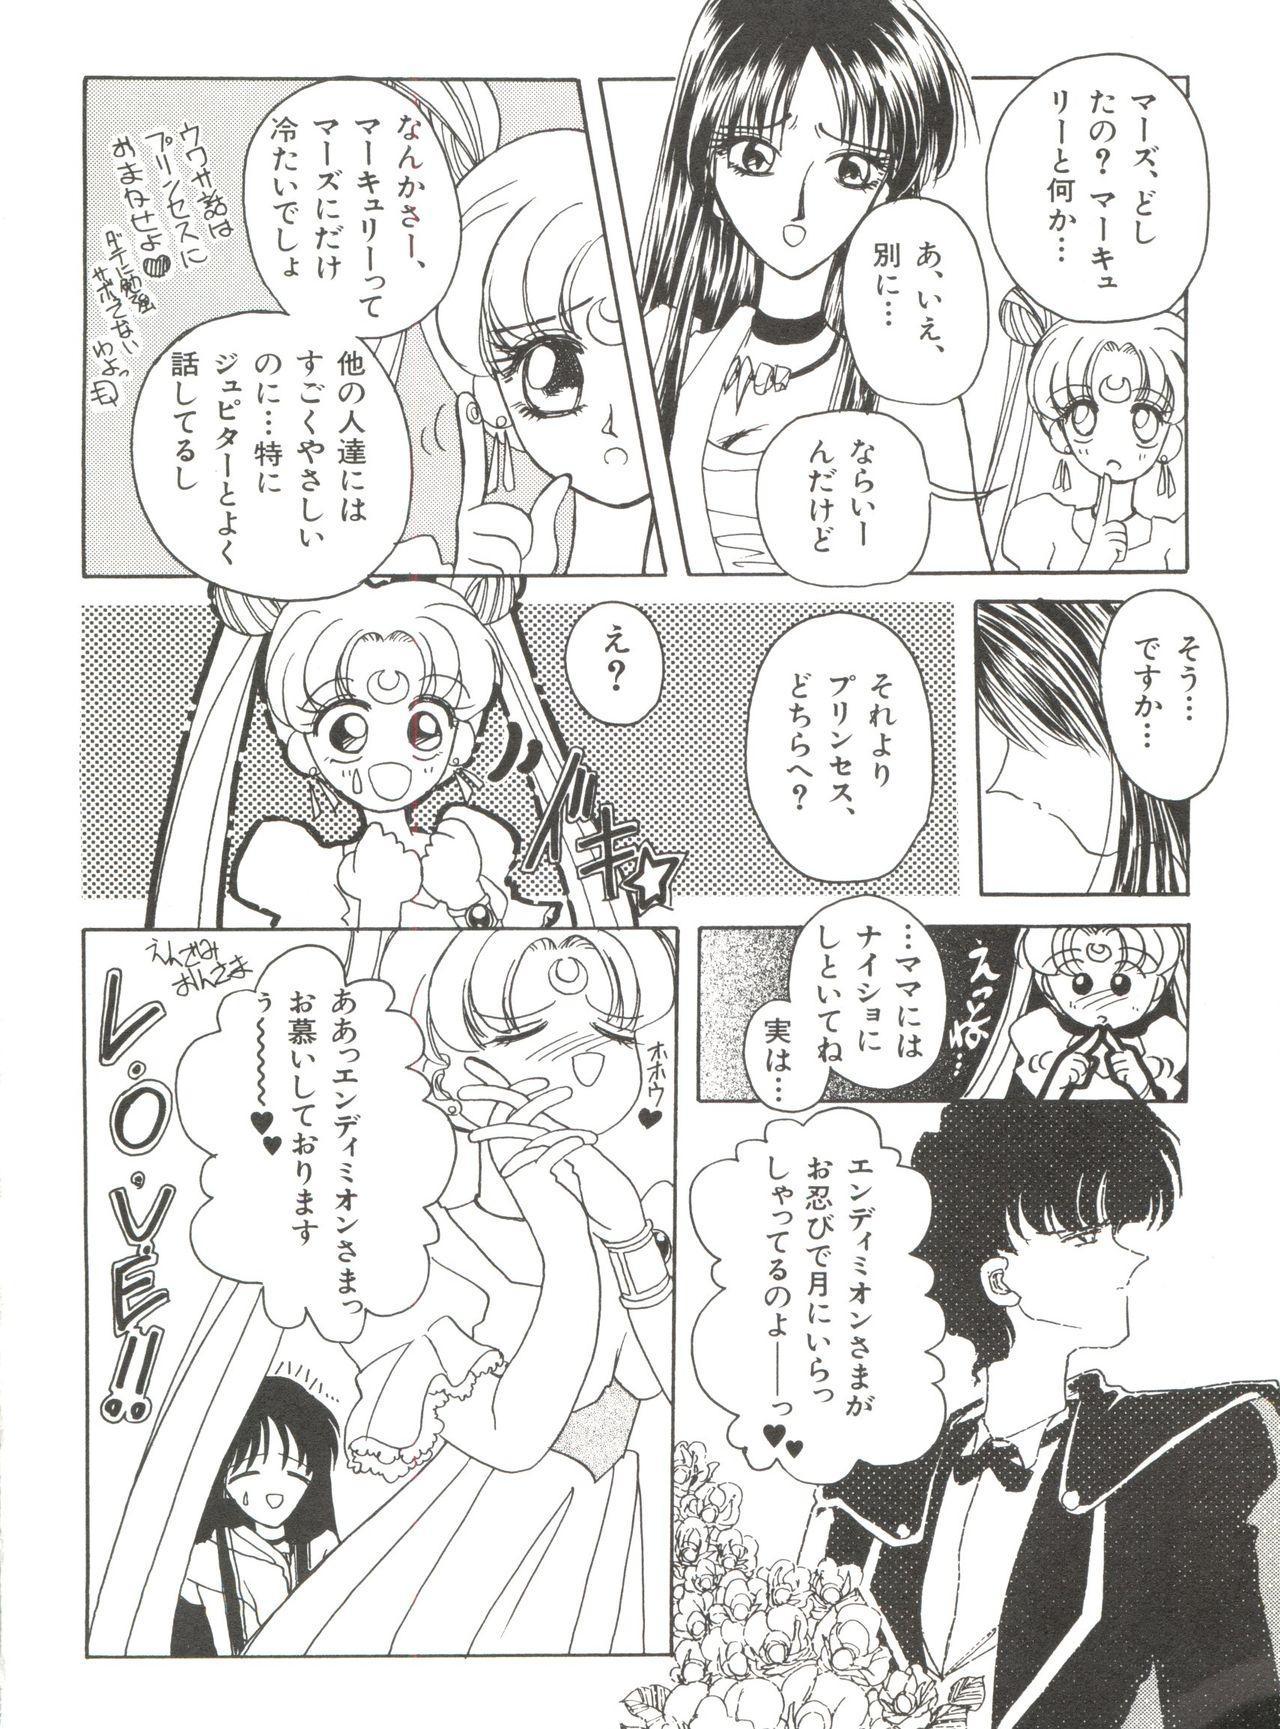 Bishoujo Doujinshi Anthology 12 - Moon Paradise 7 Tsuki no Rakuen 66